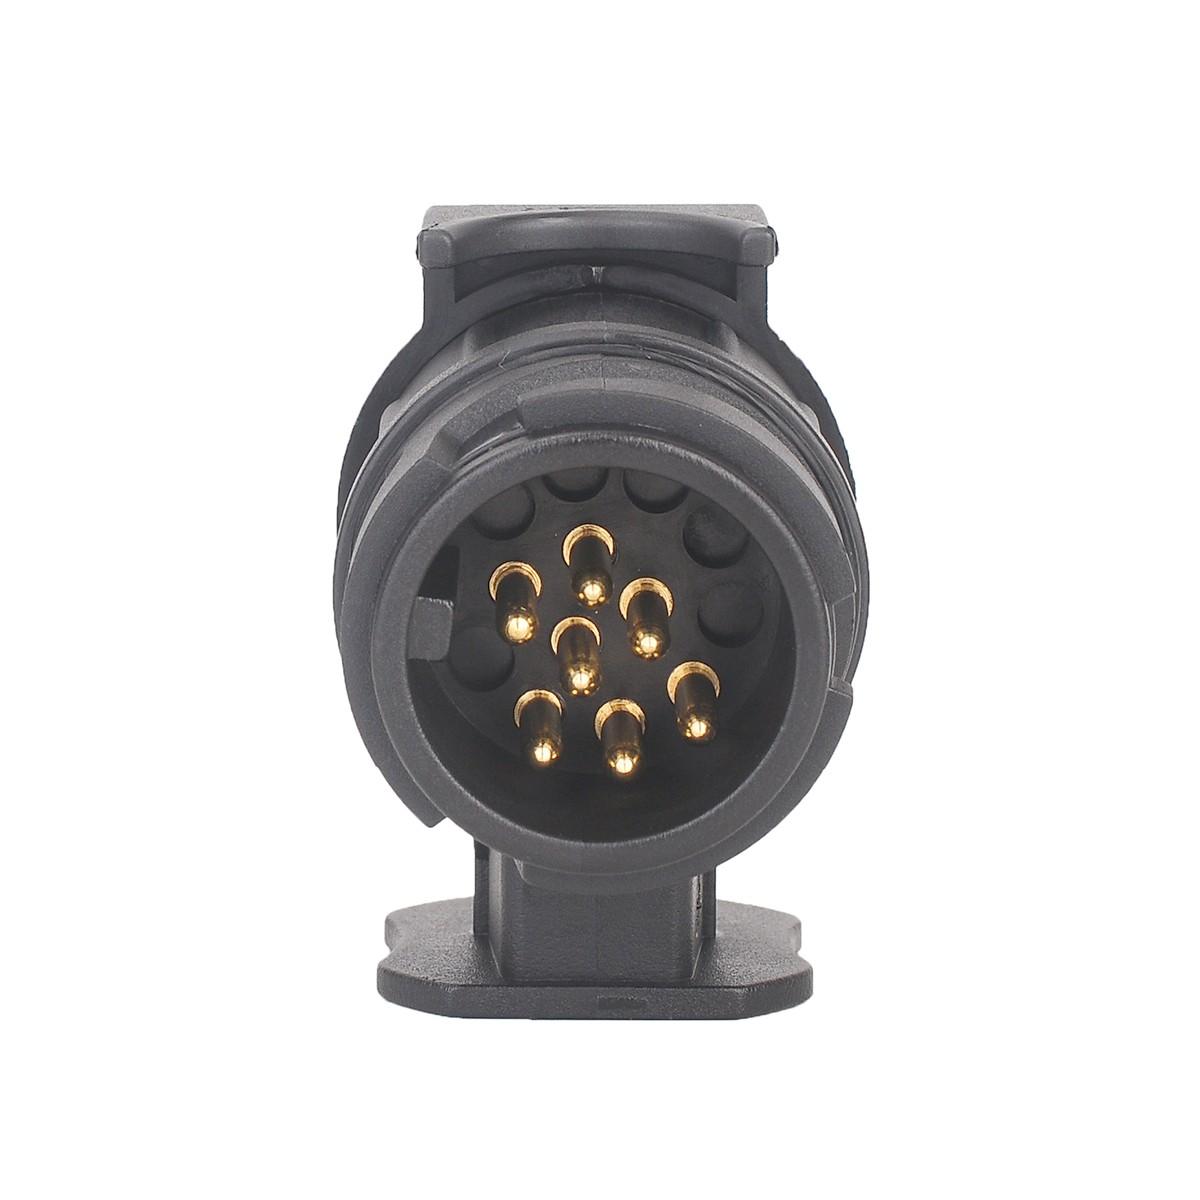 anh nger adapter anh ngerkupplung 13 pin auf 7 schwarz f r. Black Bedroom Furniture Sets. Home Design Ideas